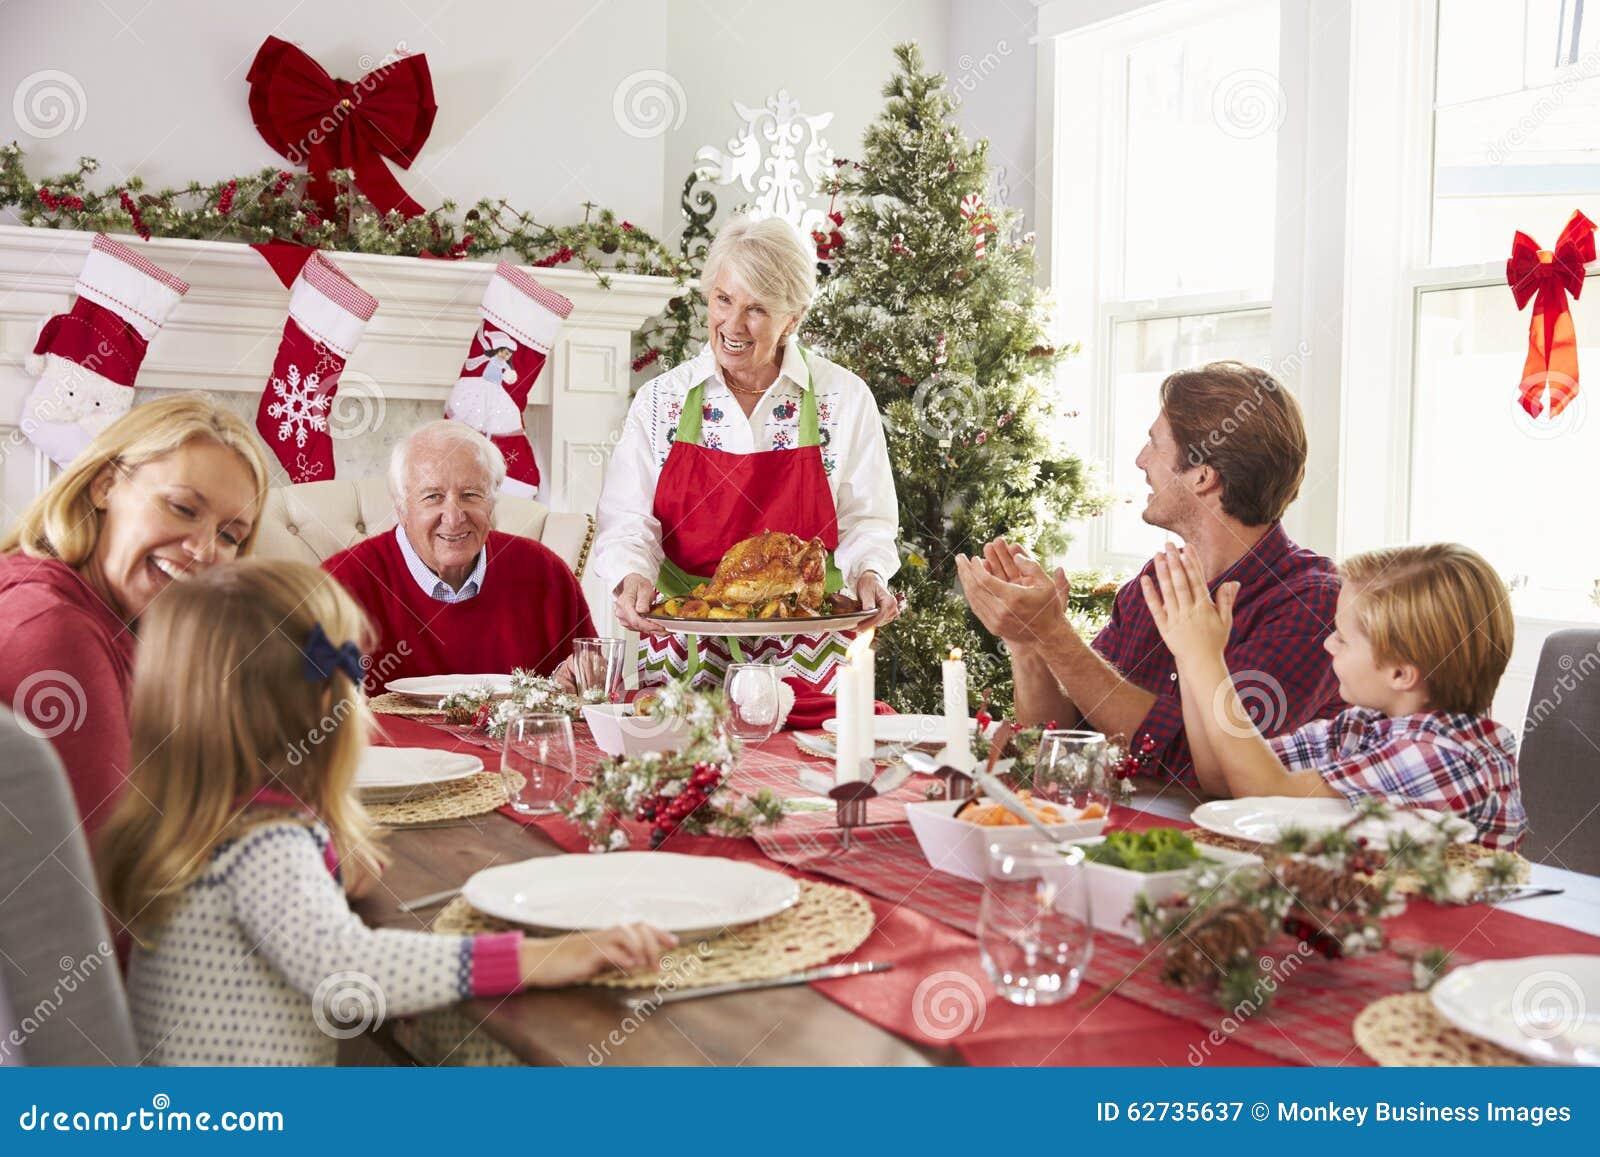 Pasti Di Natale.Nonna Che Mette In Evidenza La Turchia Al Pasto Di Natale